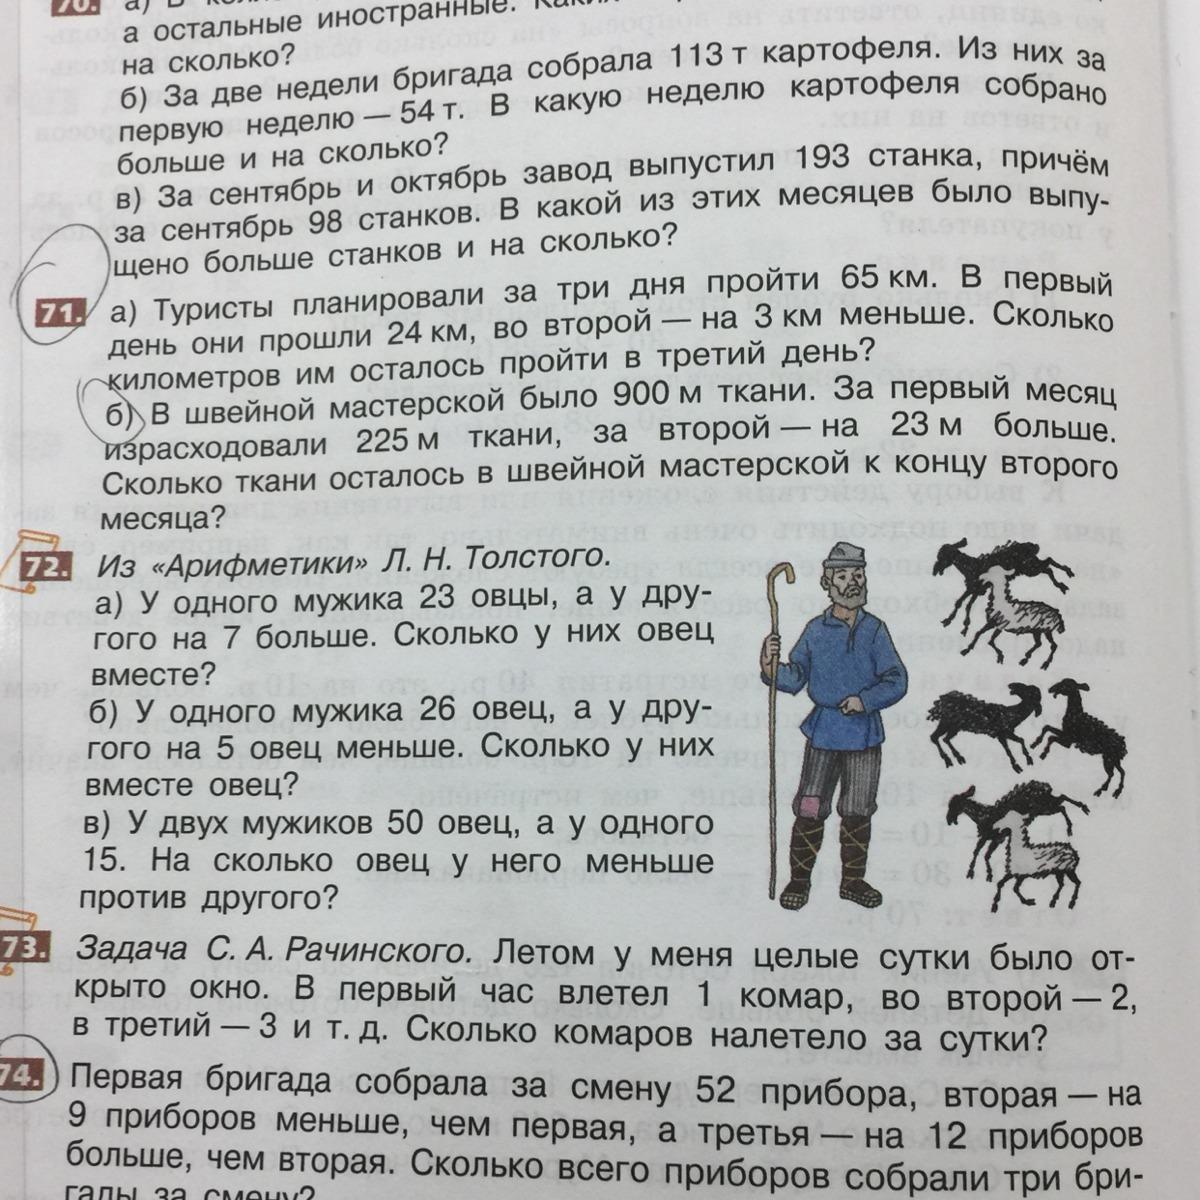 Решение задач рачинского комар богомолов решение задач